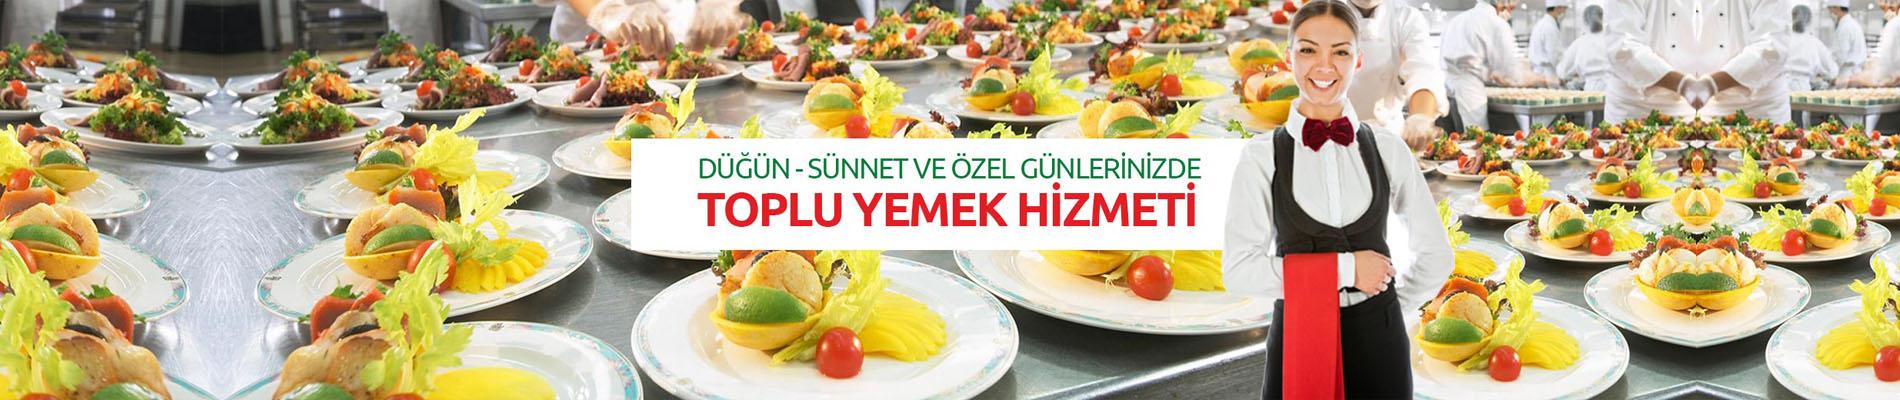 Kuzey Catering & Yemek